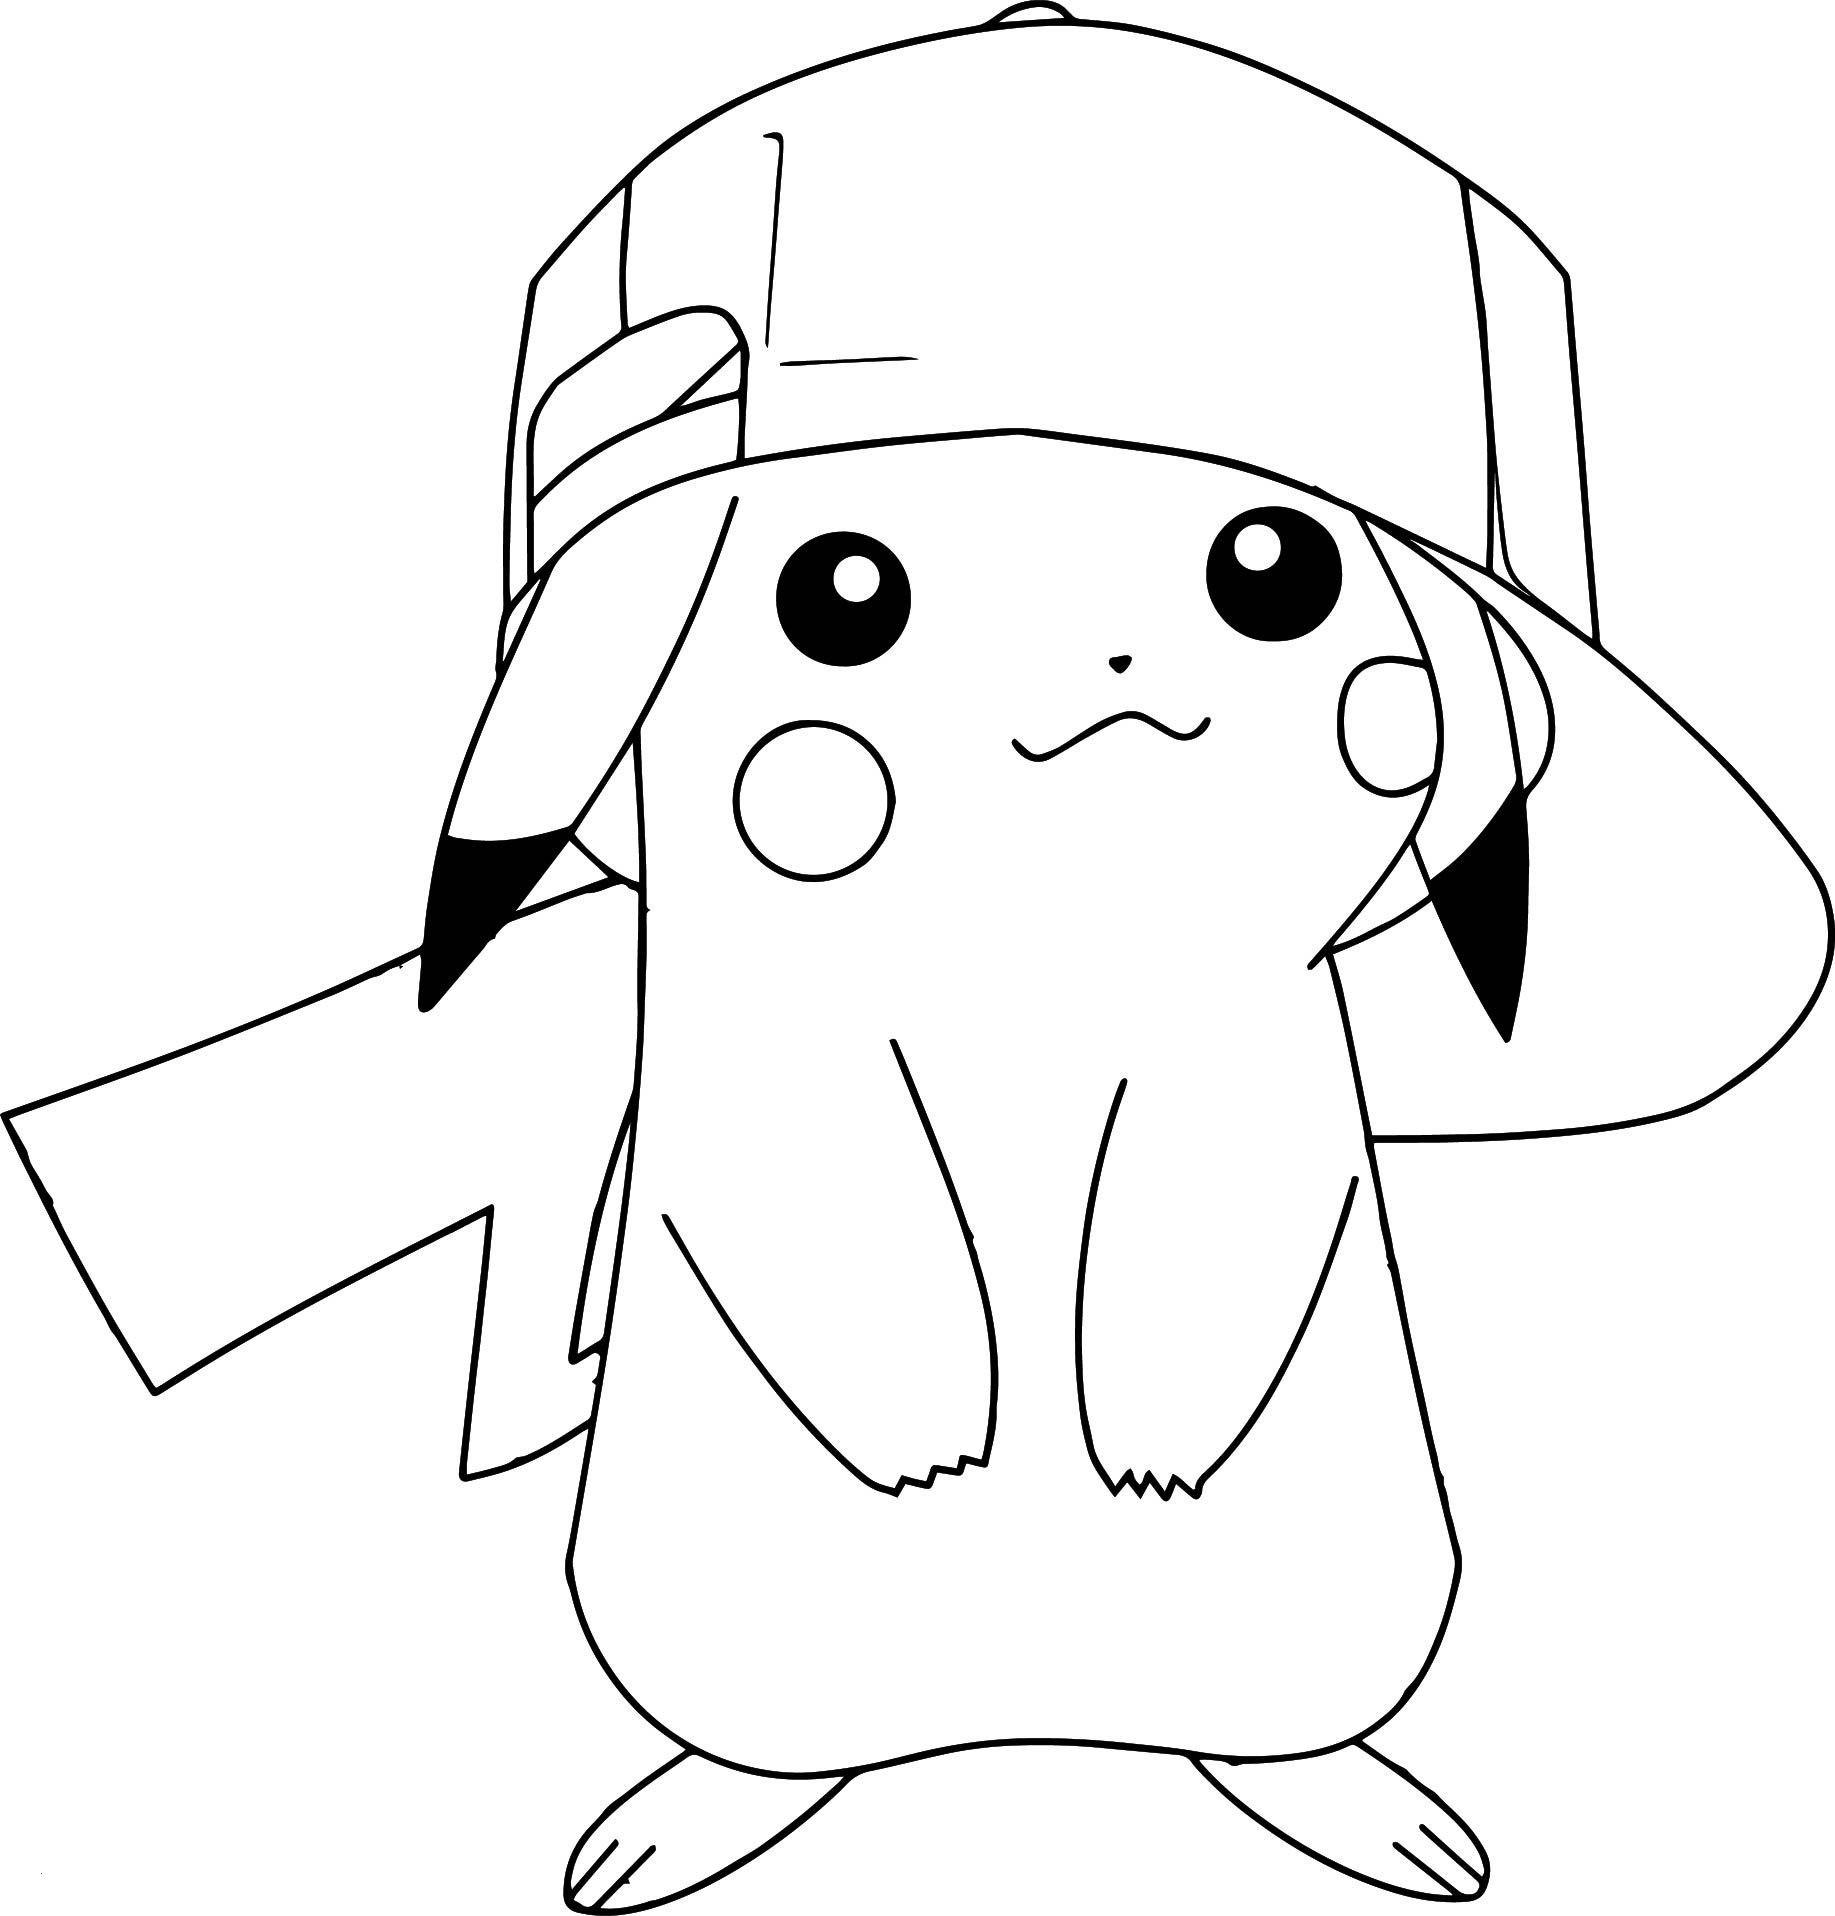 Pokemon Bilder Zum Ausdrucken In Farbe Inspirierend Perfect Pokemon Coloring Pages Lol Pinterest Schön Pokemon Das Bild